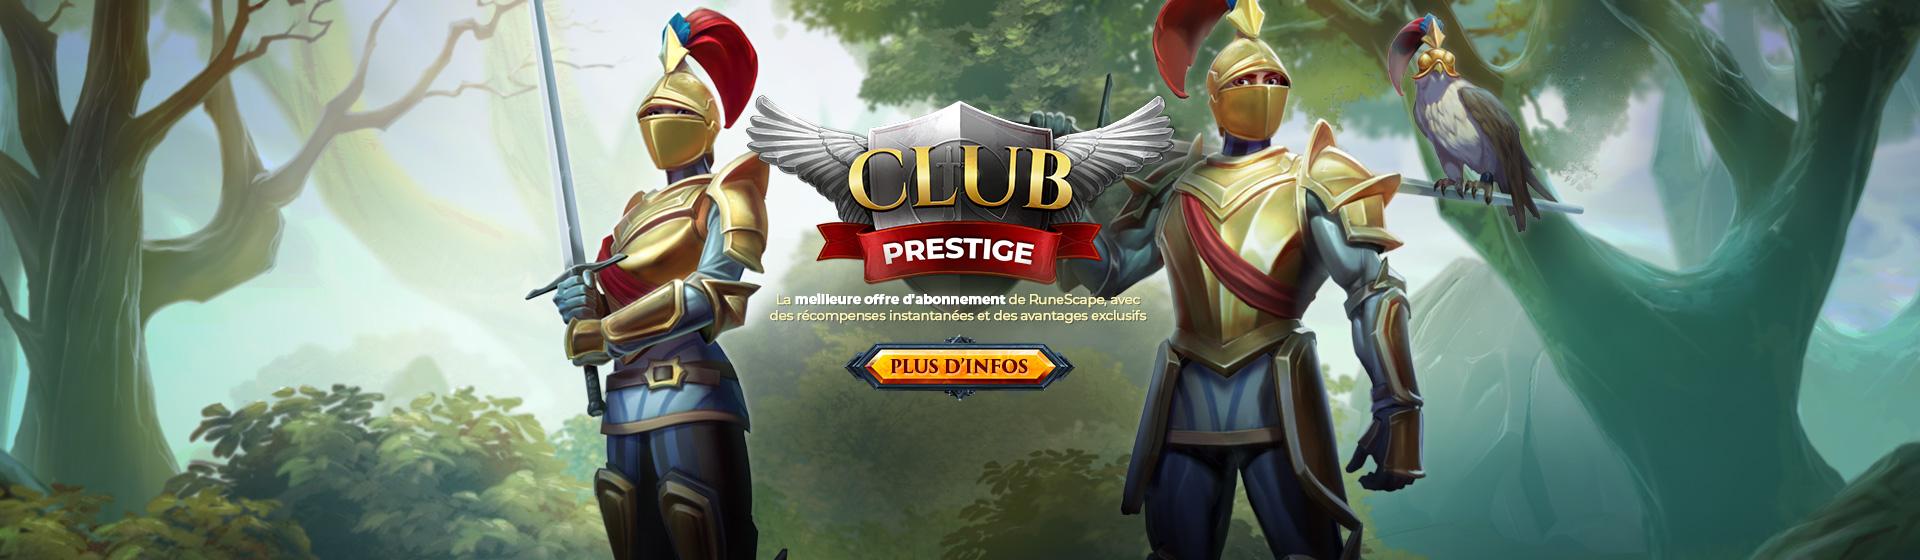 Club Prestige 2021